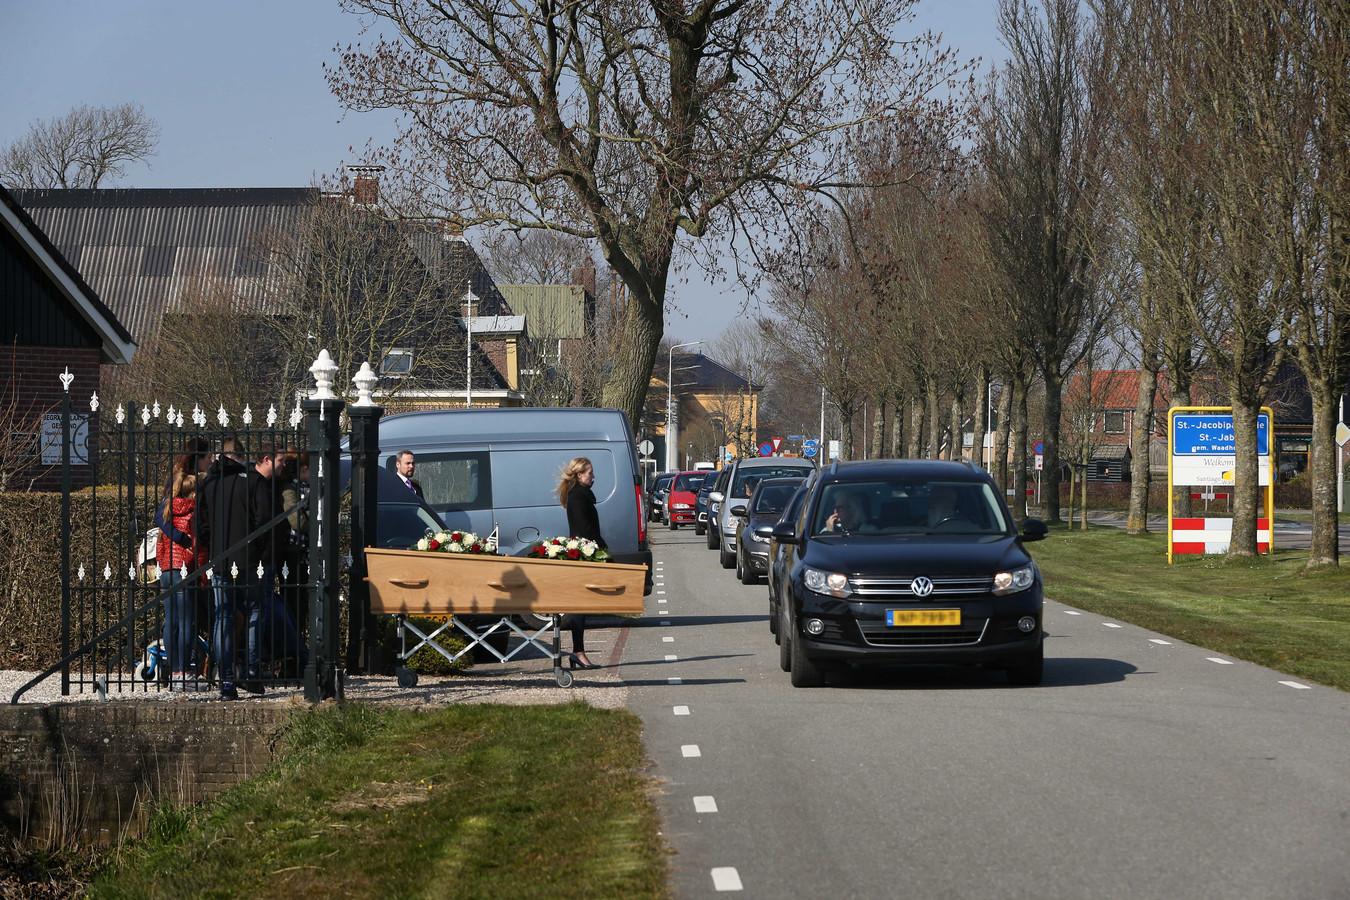 Nabestaanden nemen vanuit de auto afscheid van de overledene.